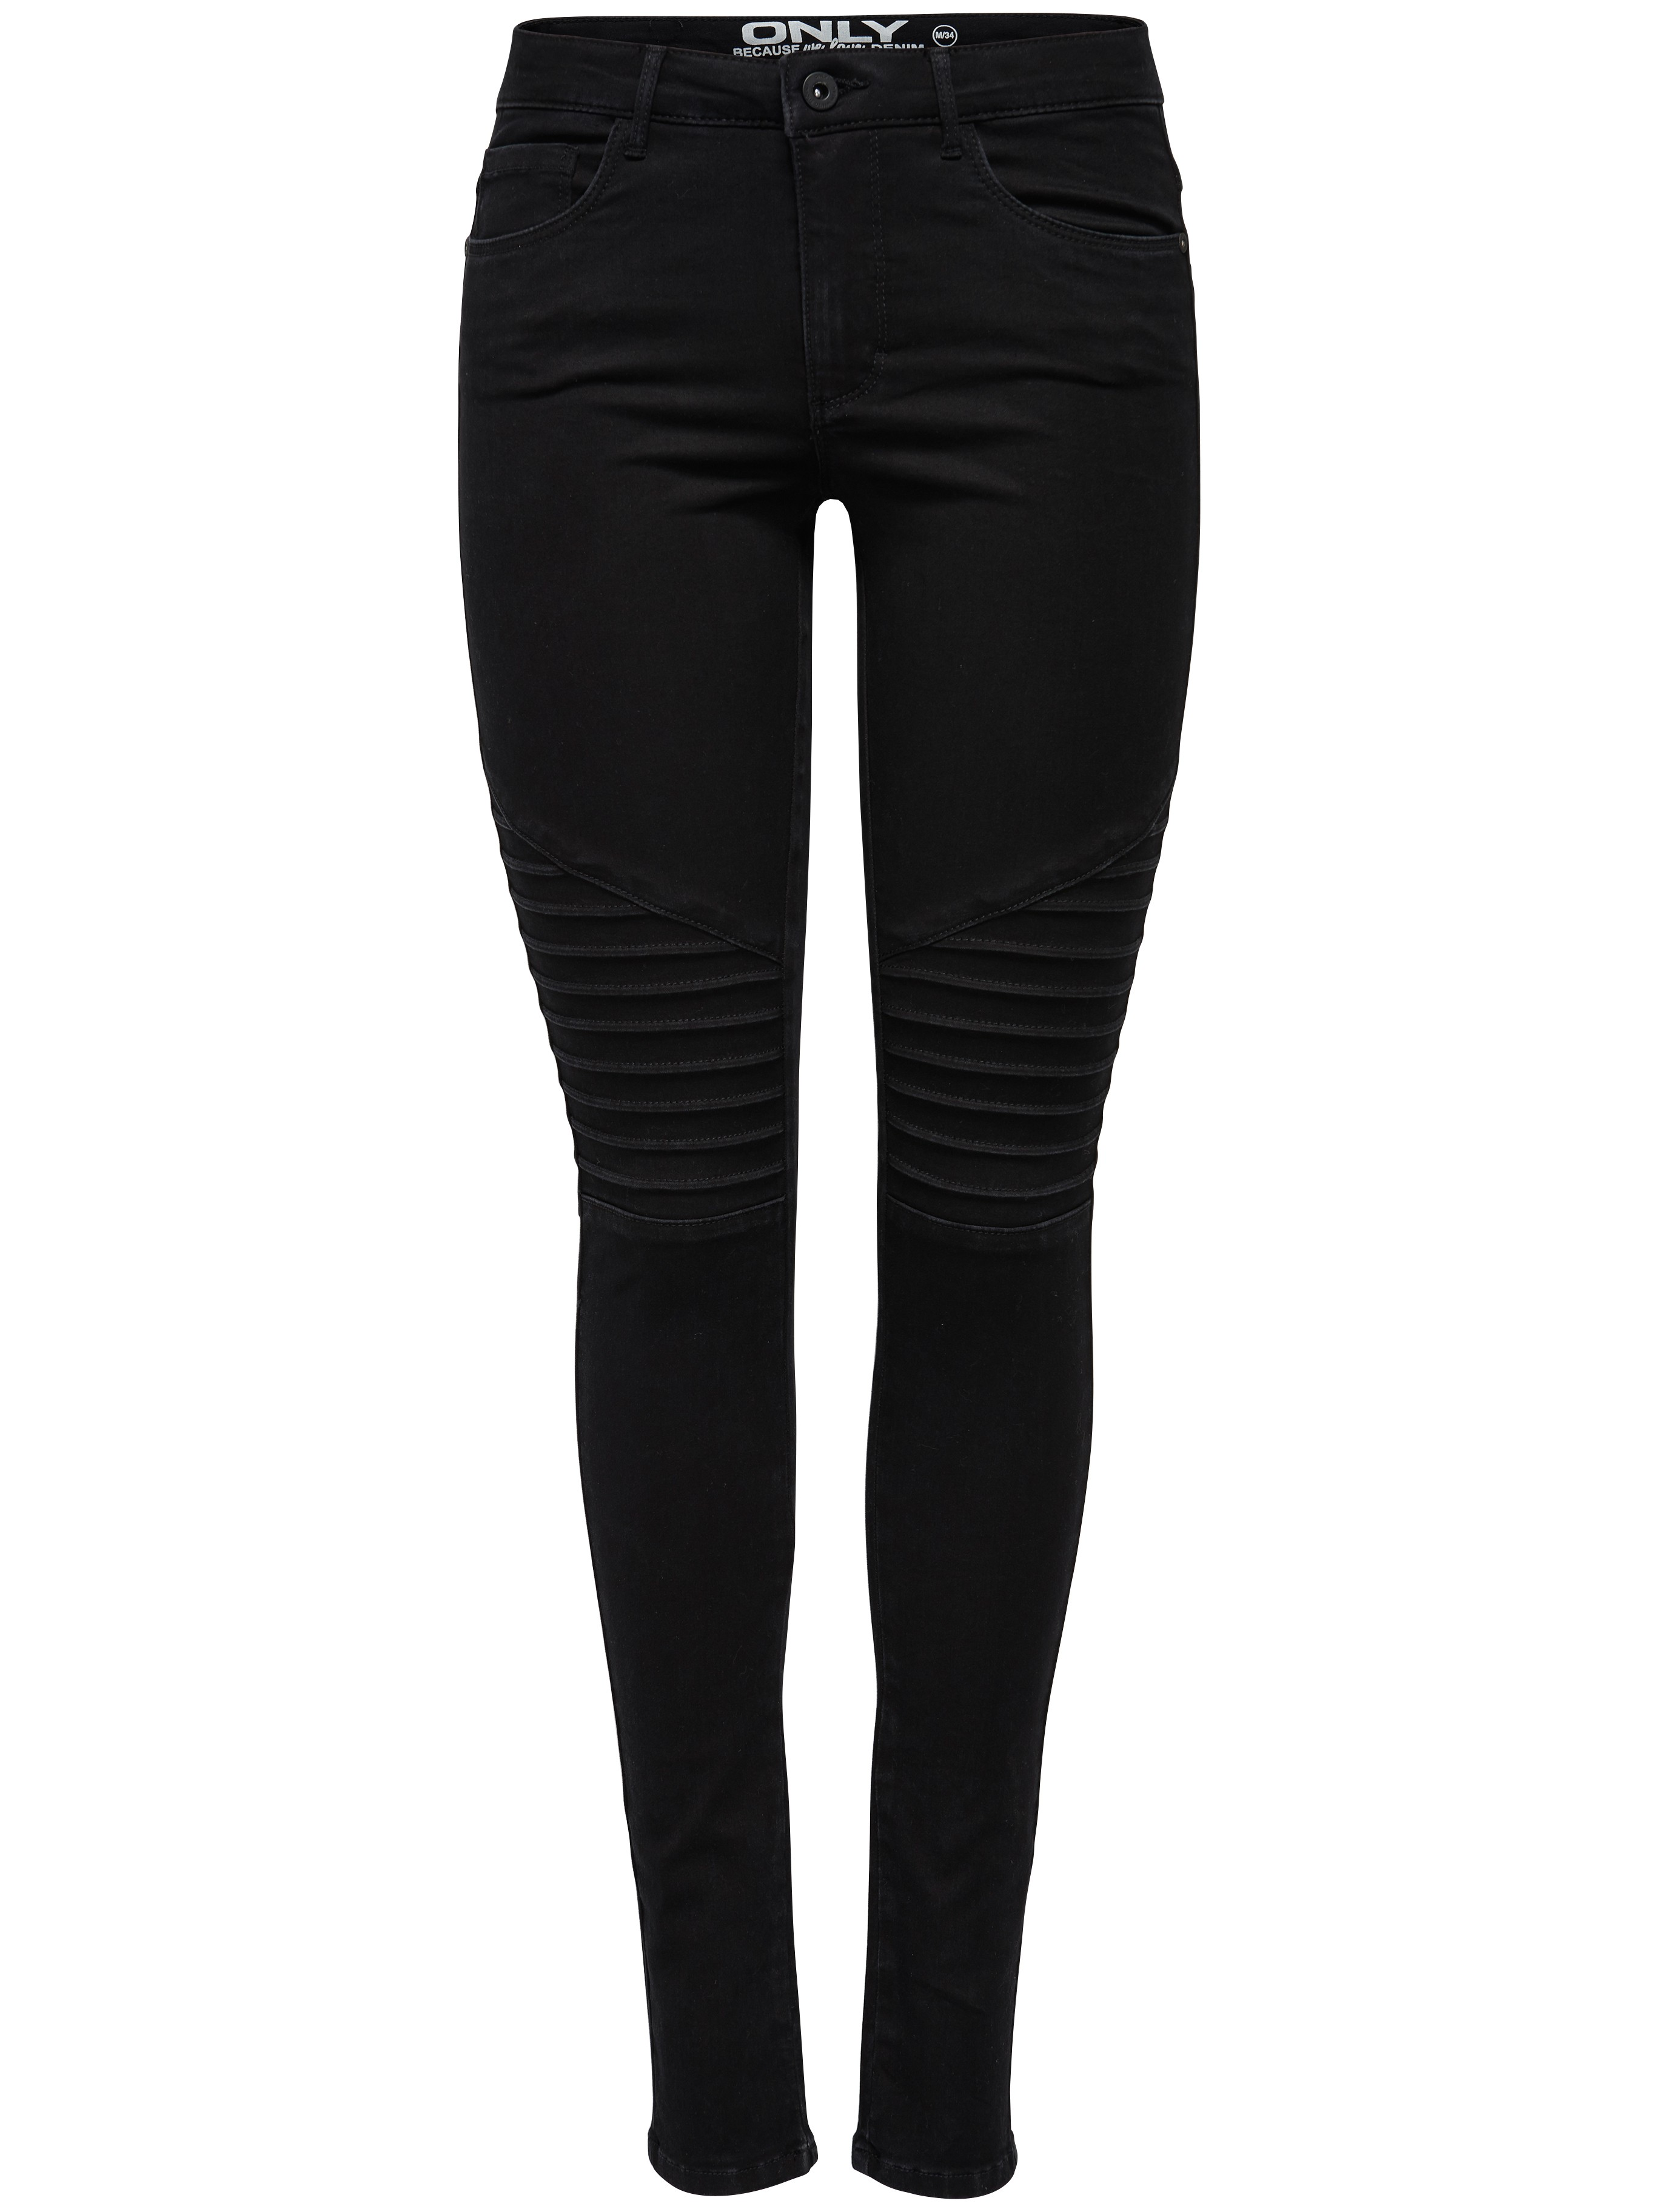 only damen jeans leggings royal reg sk biker pim 600 noos black schwarz damen jeans skinny jeans. Black Bedroom Furniture Sets. Home Design Ideas